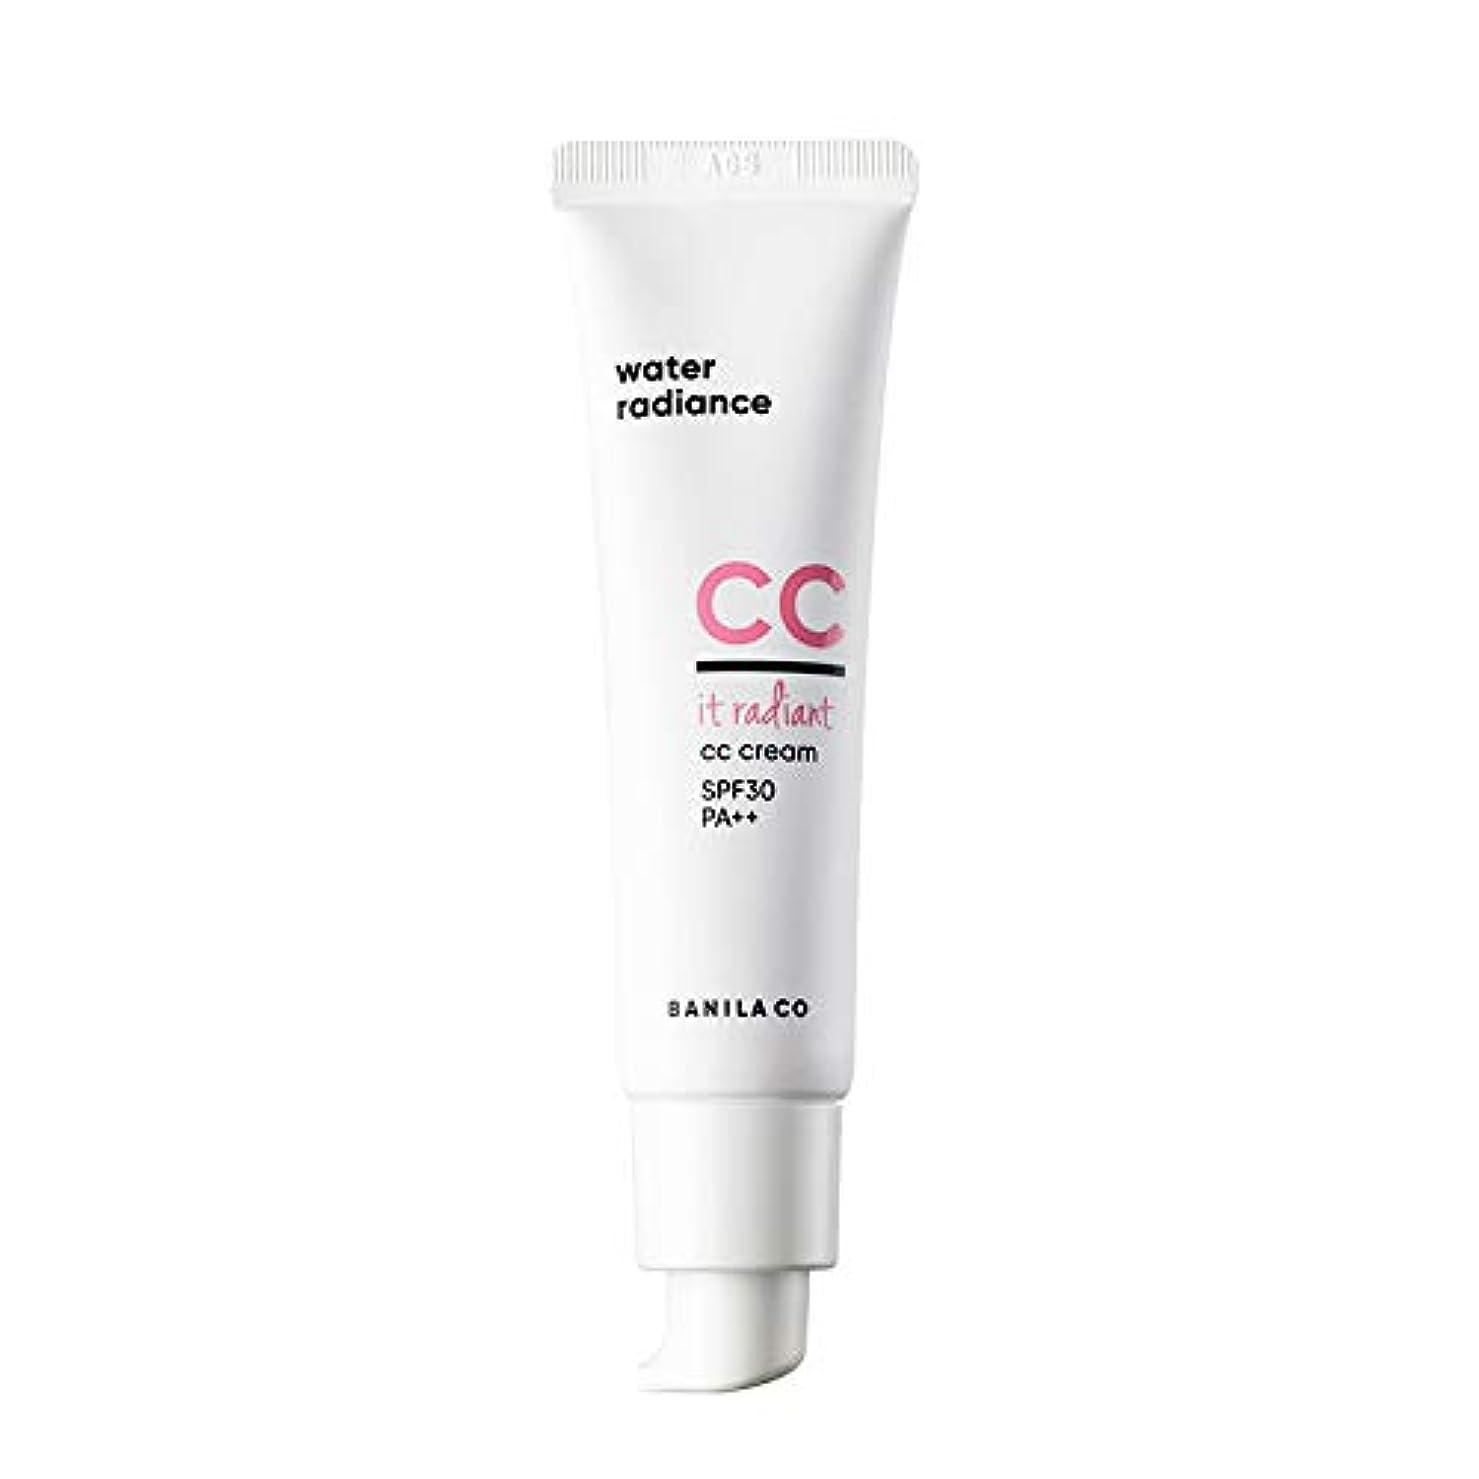 無秩序読みやすさ方法BANILA CO(バニラコ) イットレディアント ccクリーム It Radiant CC Cream